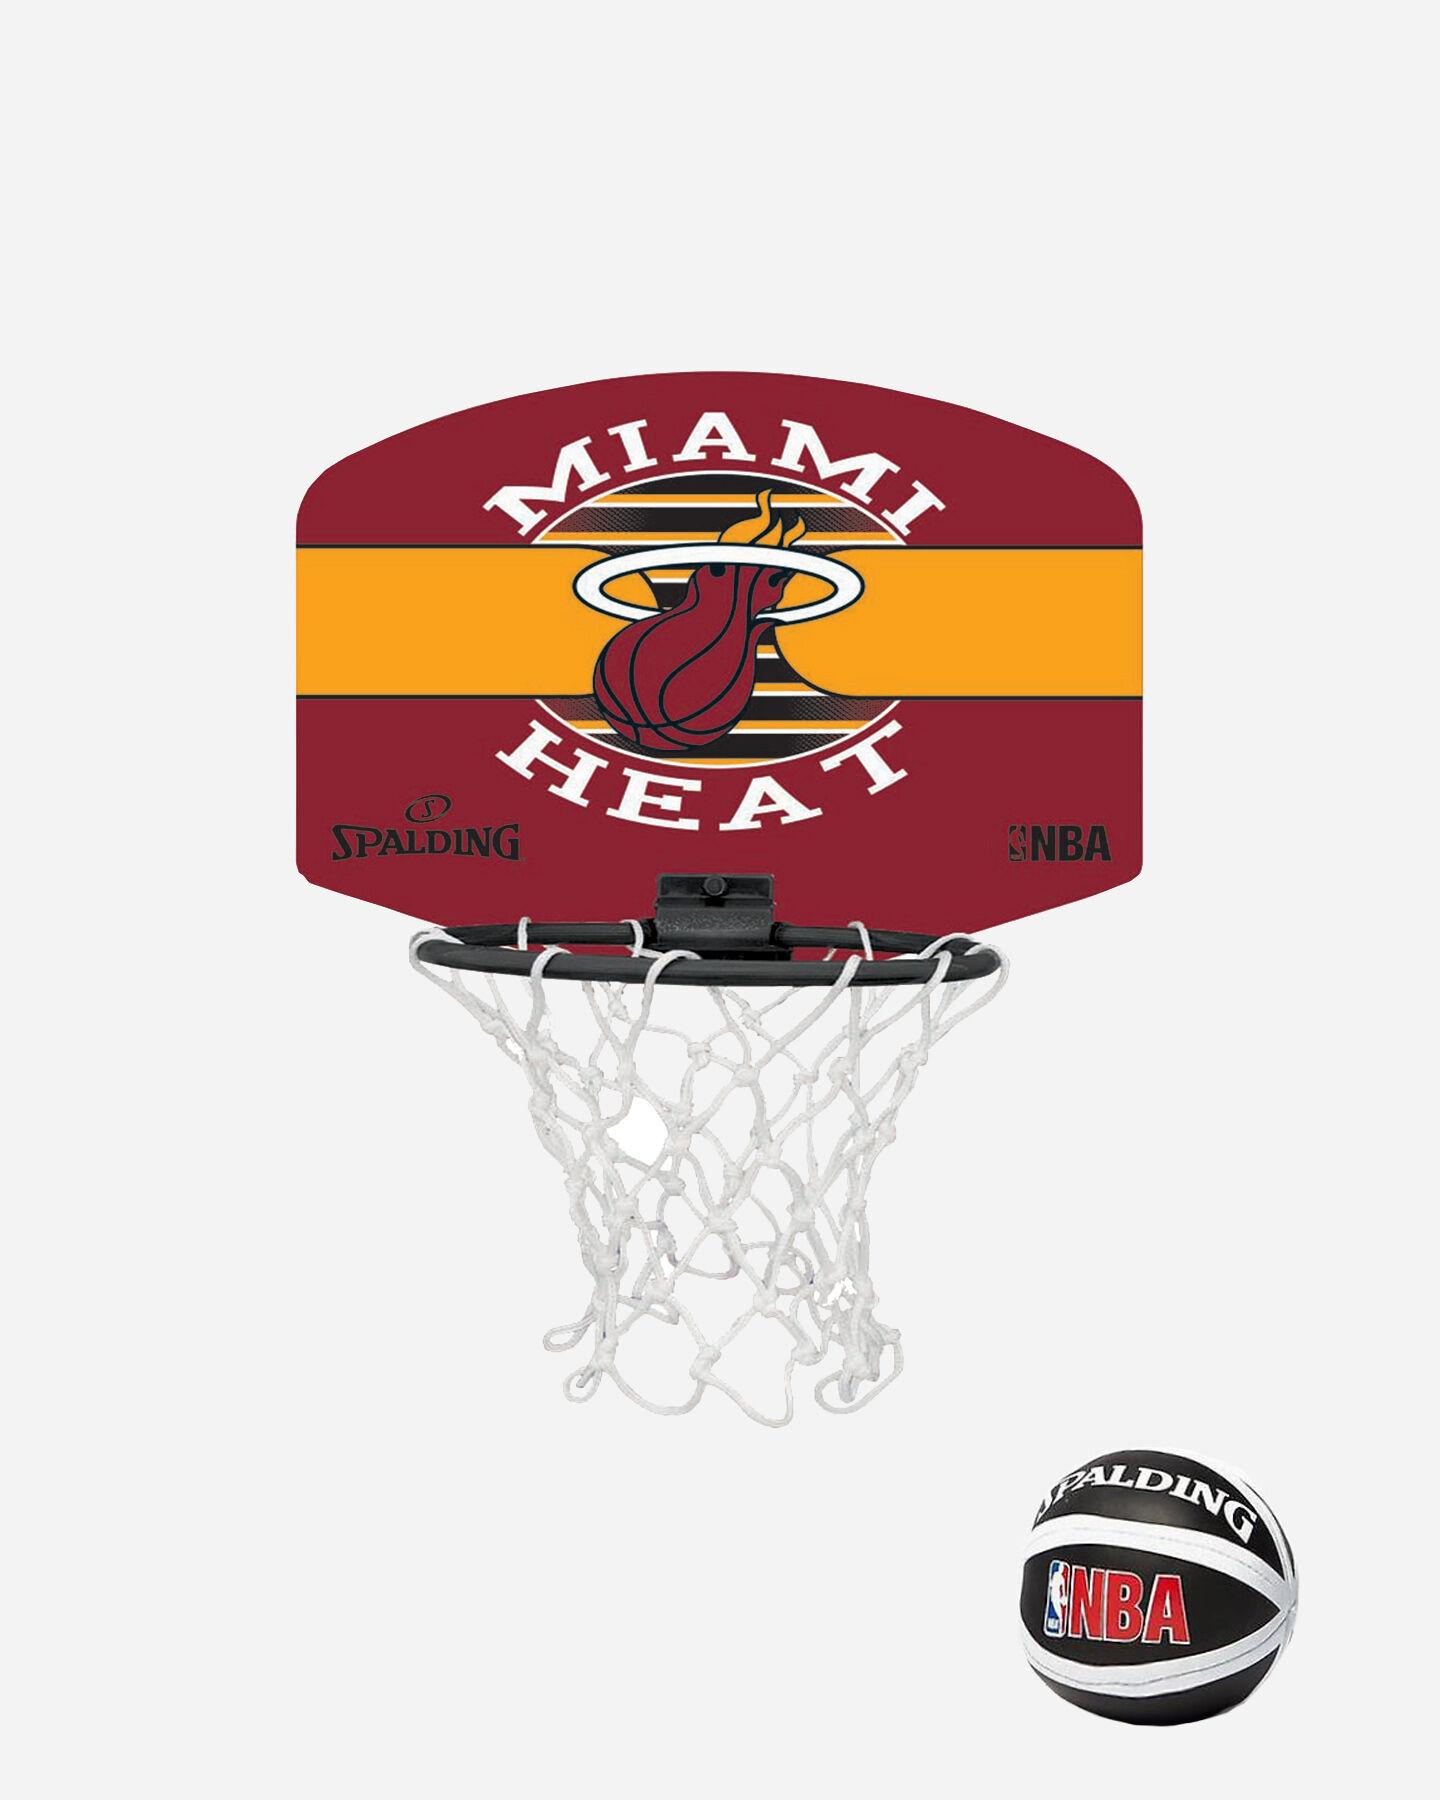 Canestro tabellone basket SPALDING NBA MINIBOARD MIAMI HEAT S1317875|9999|UNI scatto 0